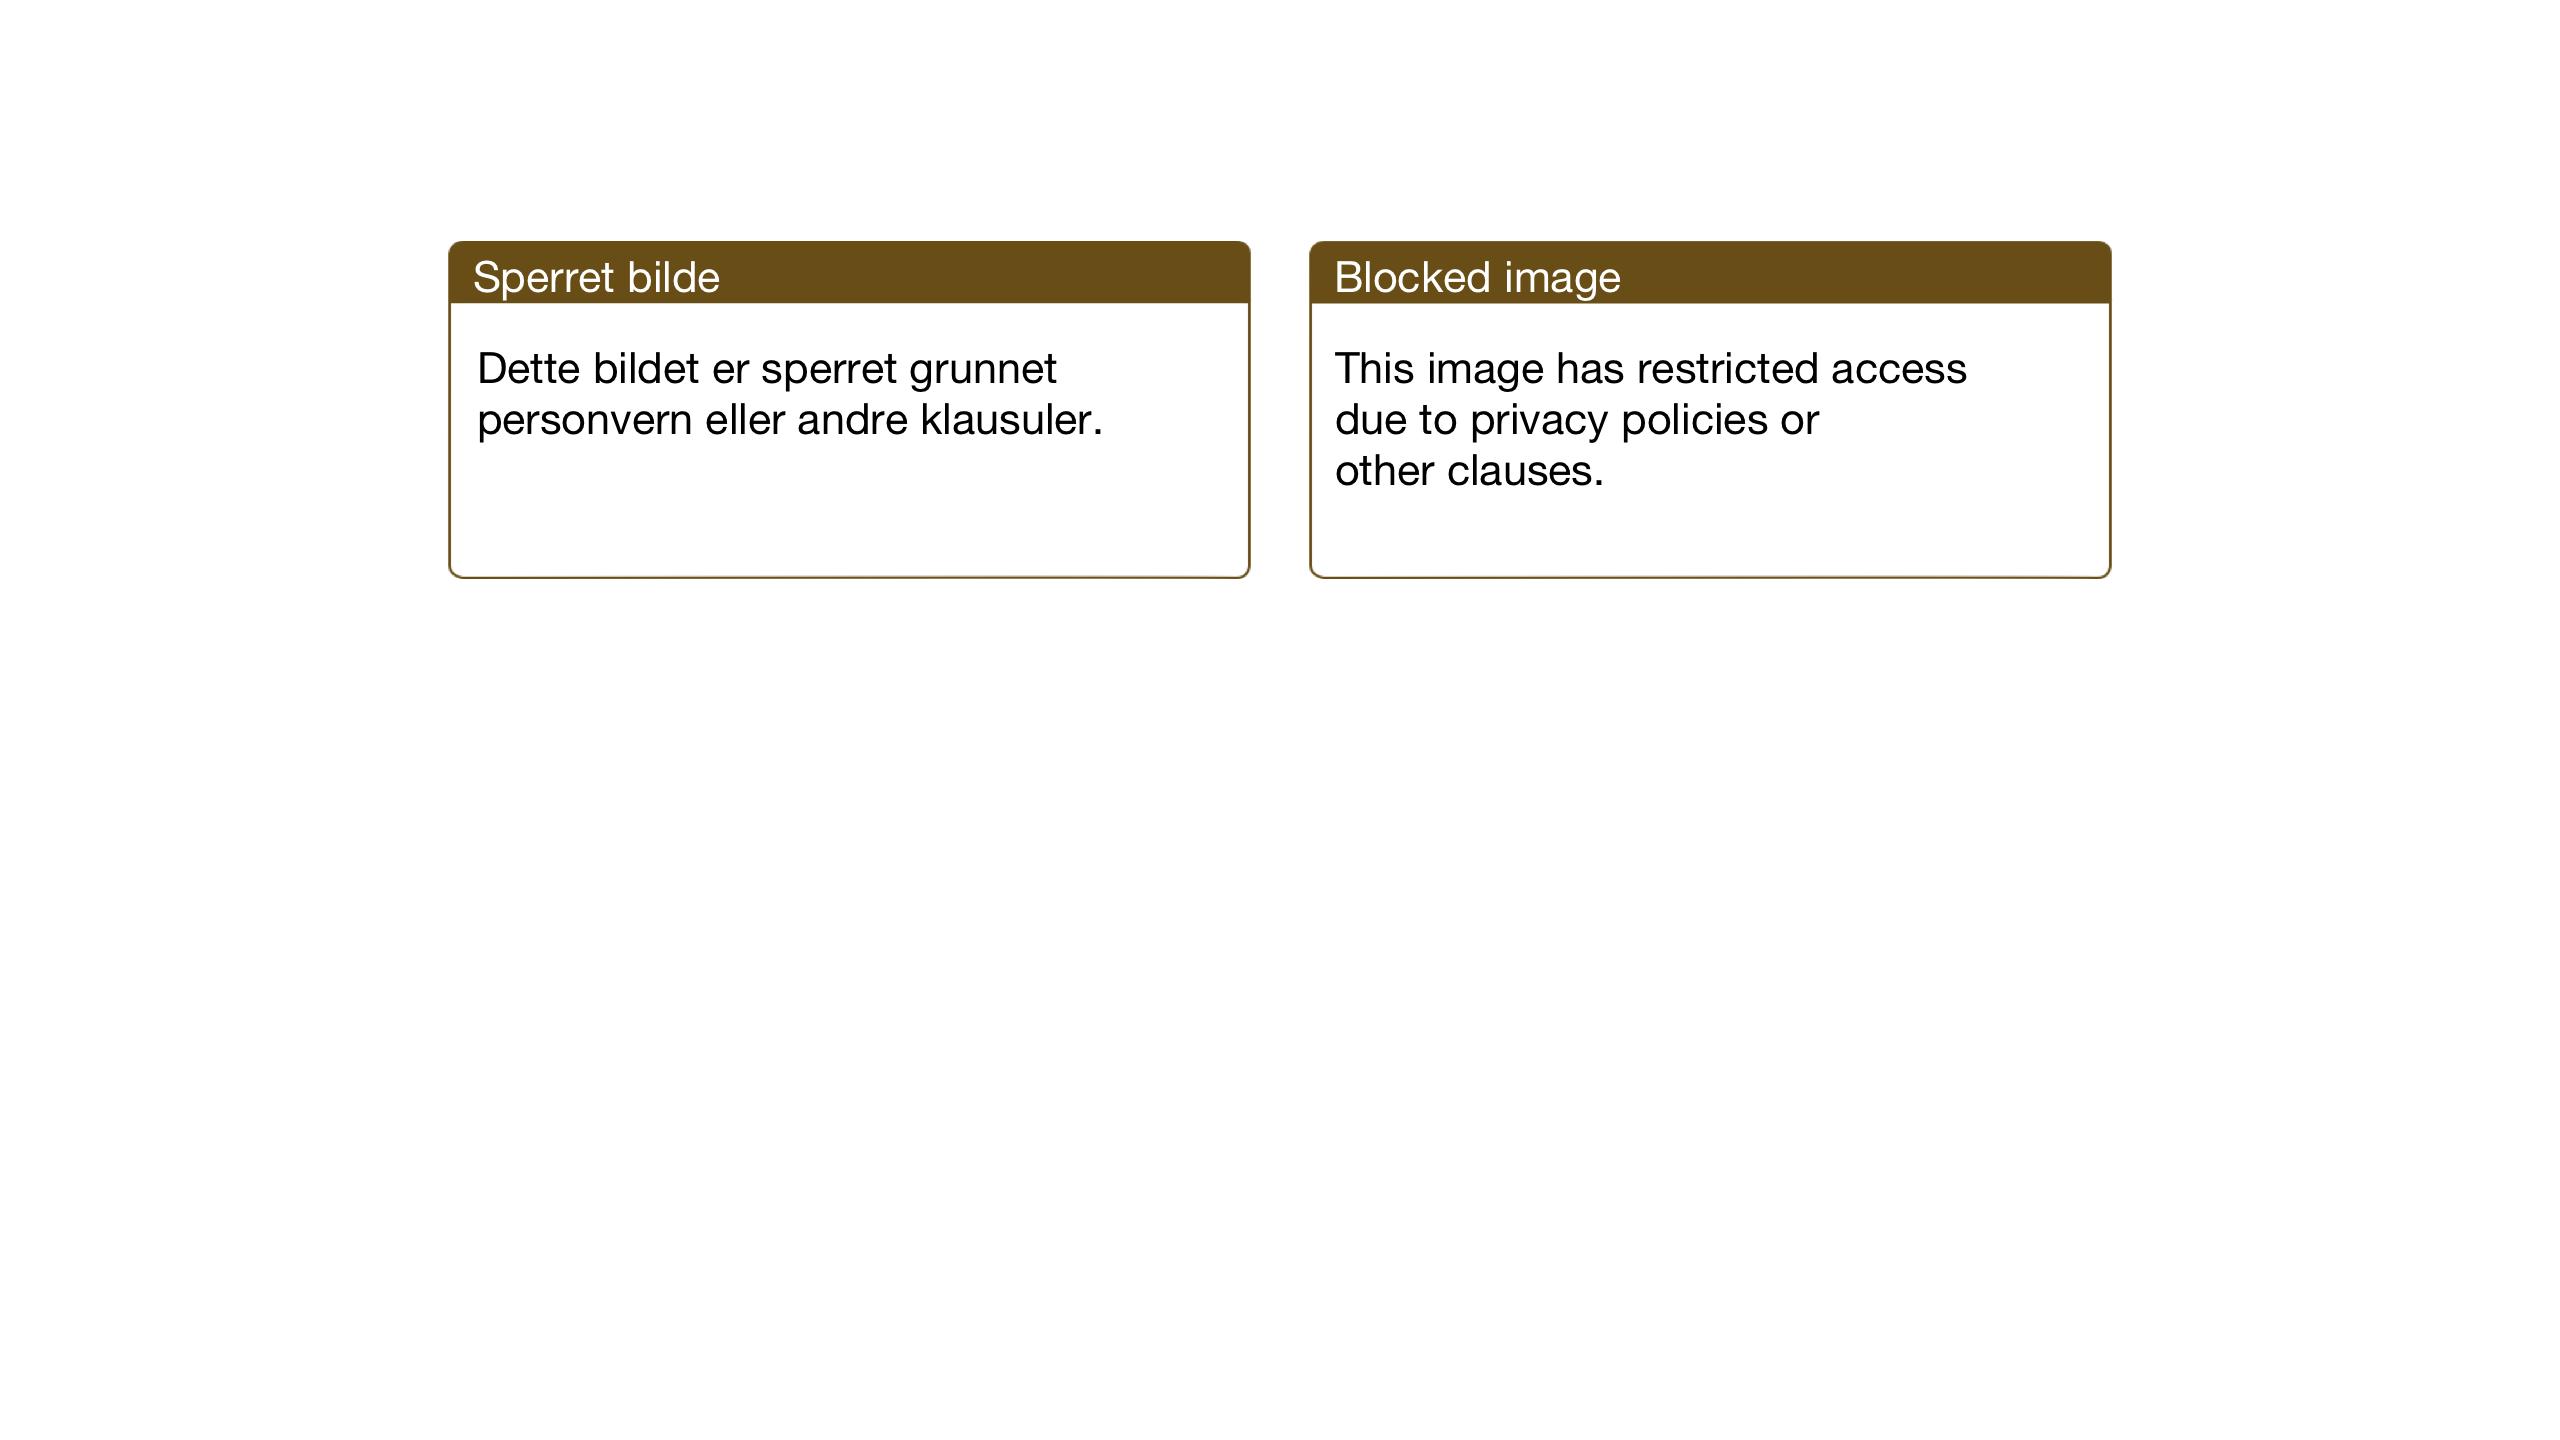 RA, Justisdepartementet, Sivilavdelingen (RA/S-6490), 2000, s. 140